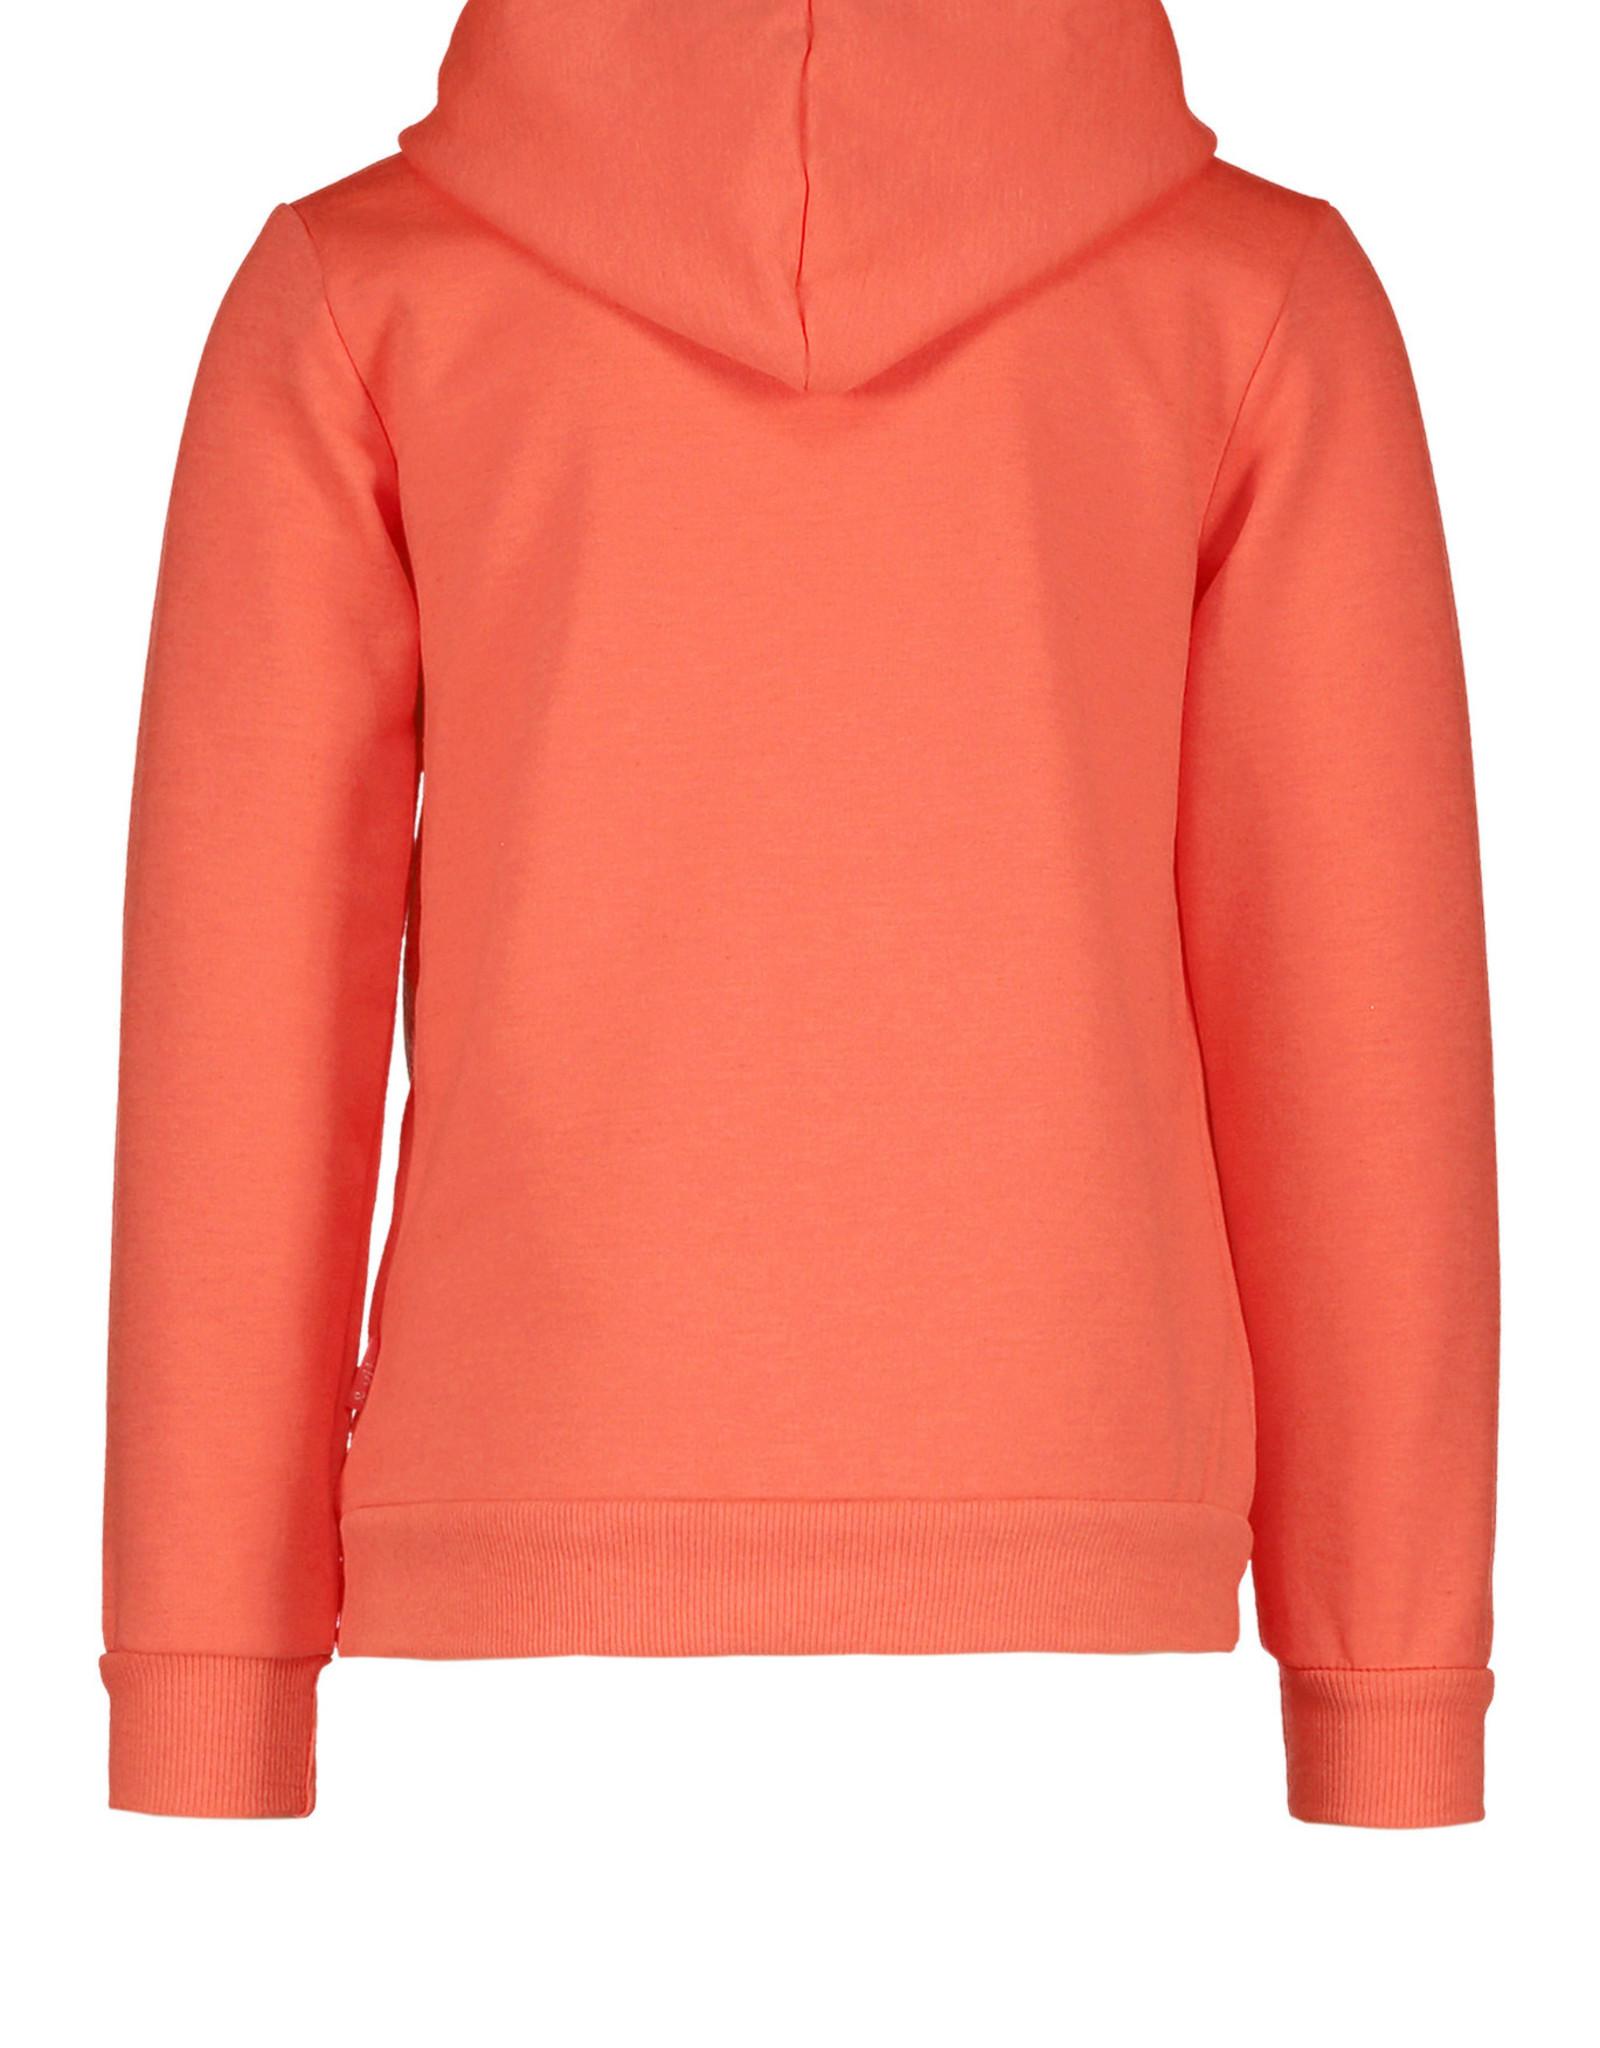 Tygo&Vito Tygo&Vito sweater 5304 fiery coral